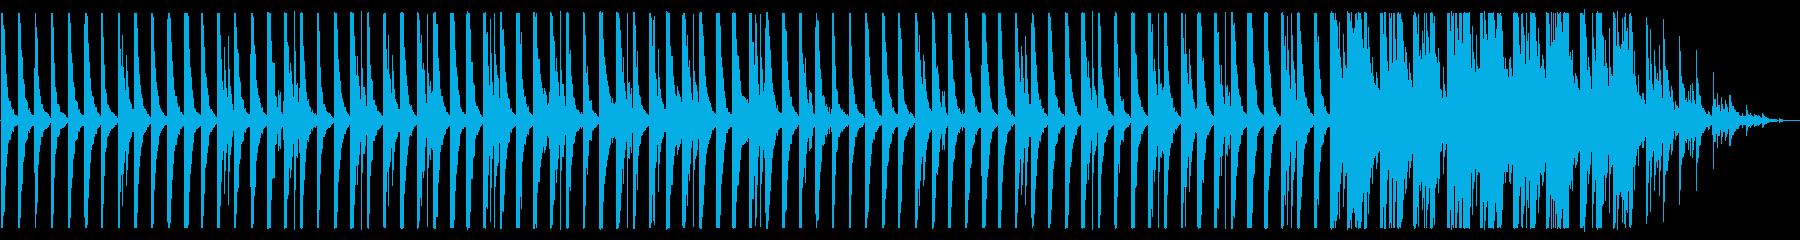 キラキラ/エレクトロニカ_No441の再生済みの波形